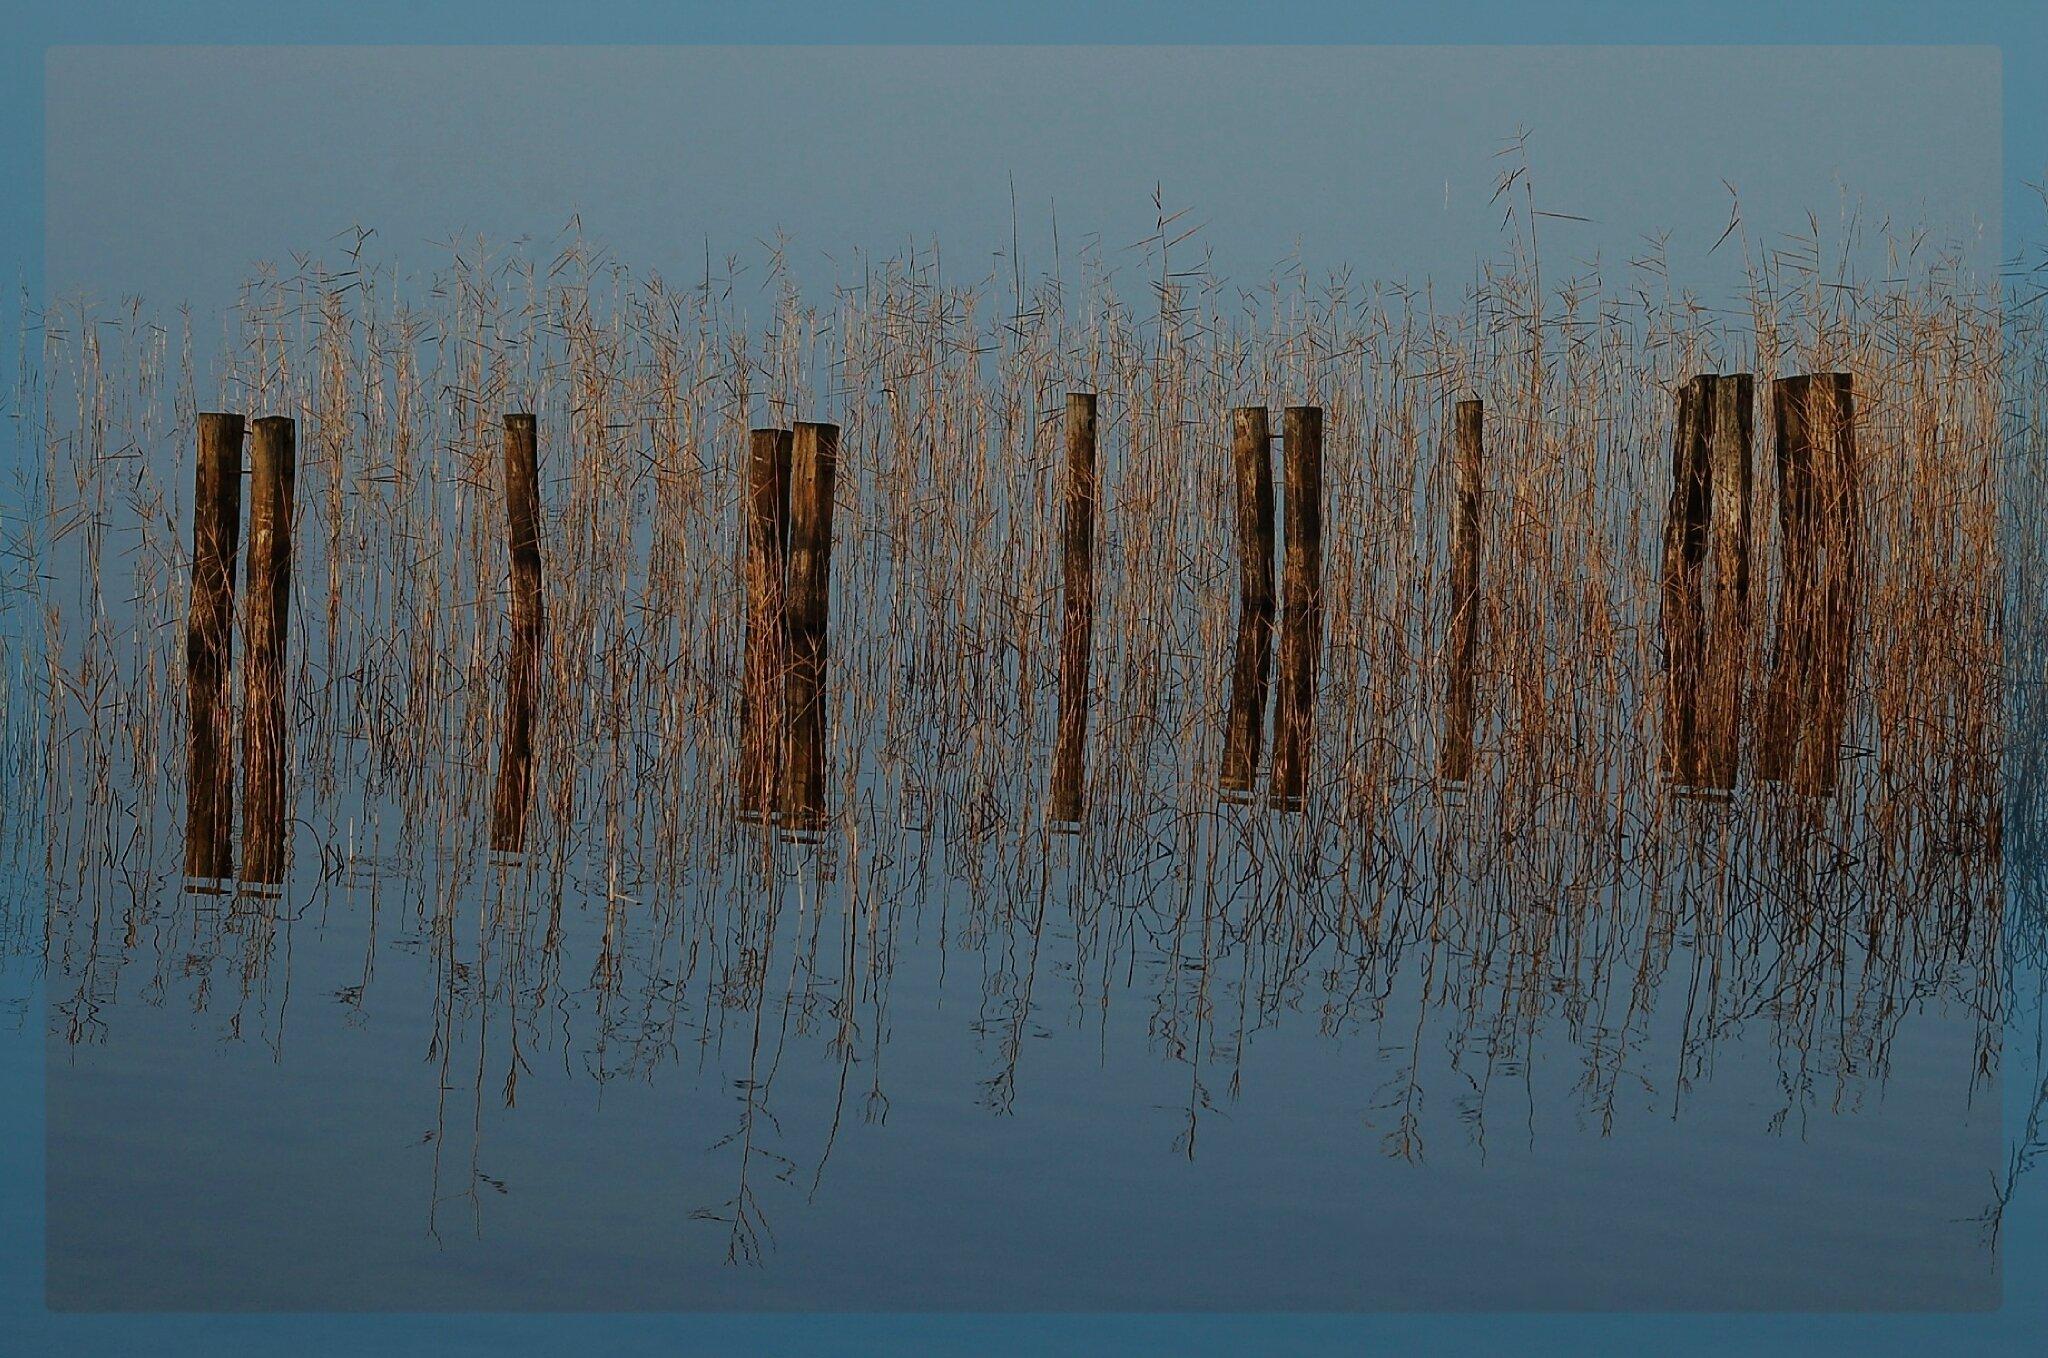 Le lac dans son miroir